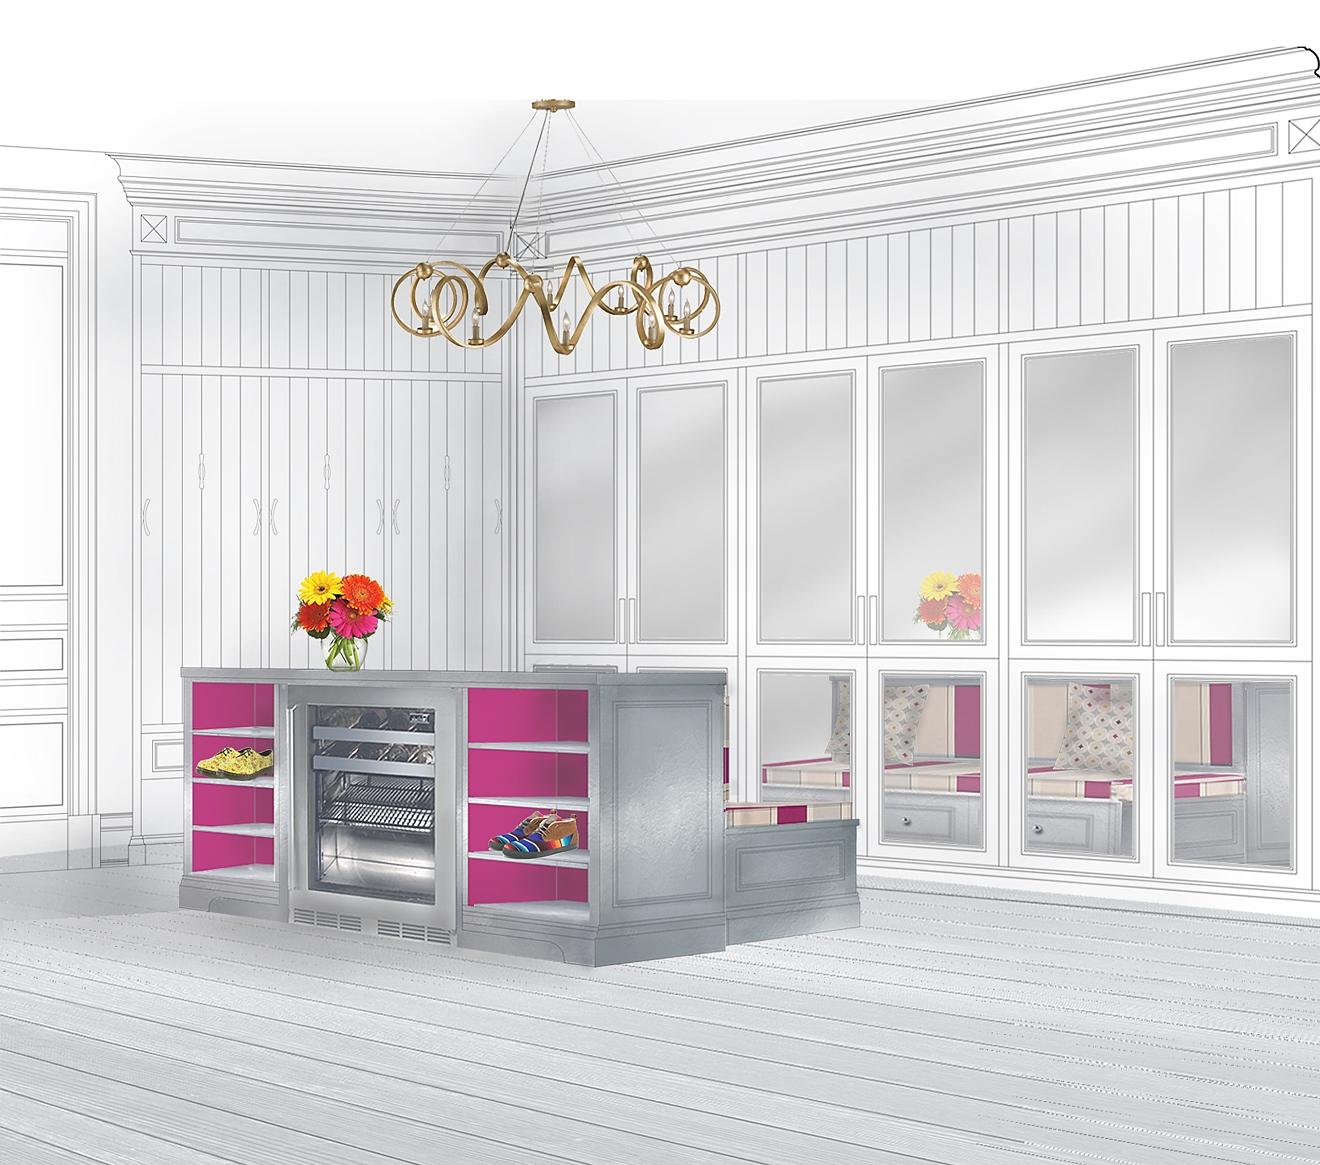 Regina Sturrock Design Inc perlick announces interior designer regina sturrock as the